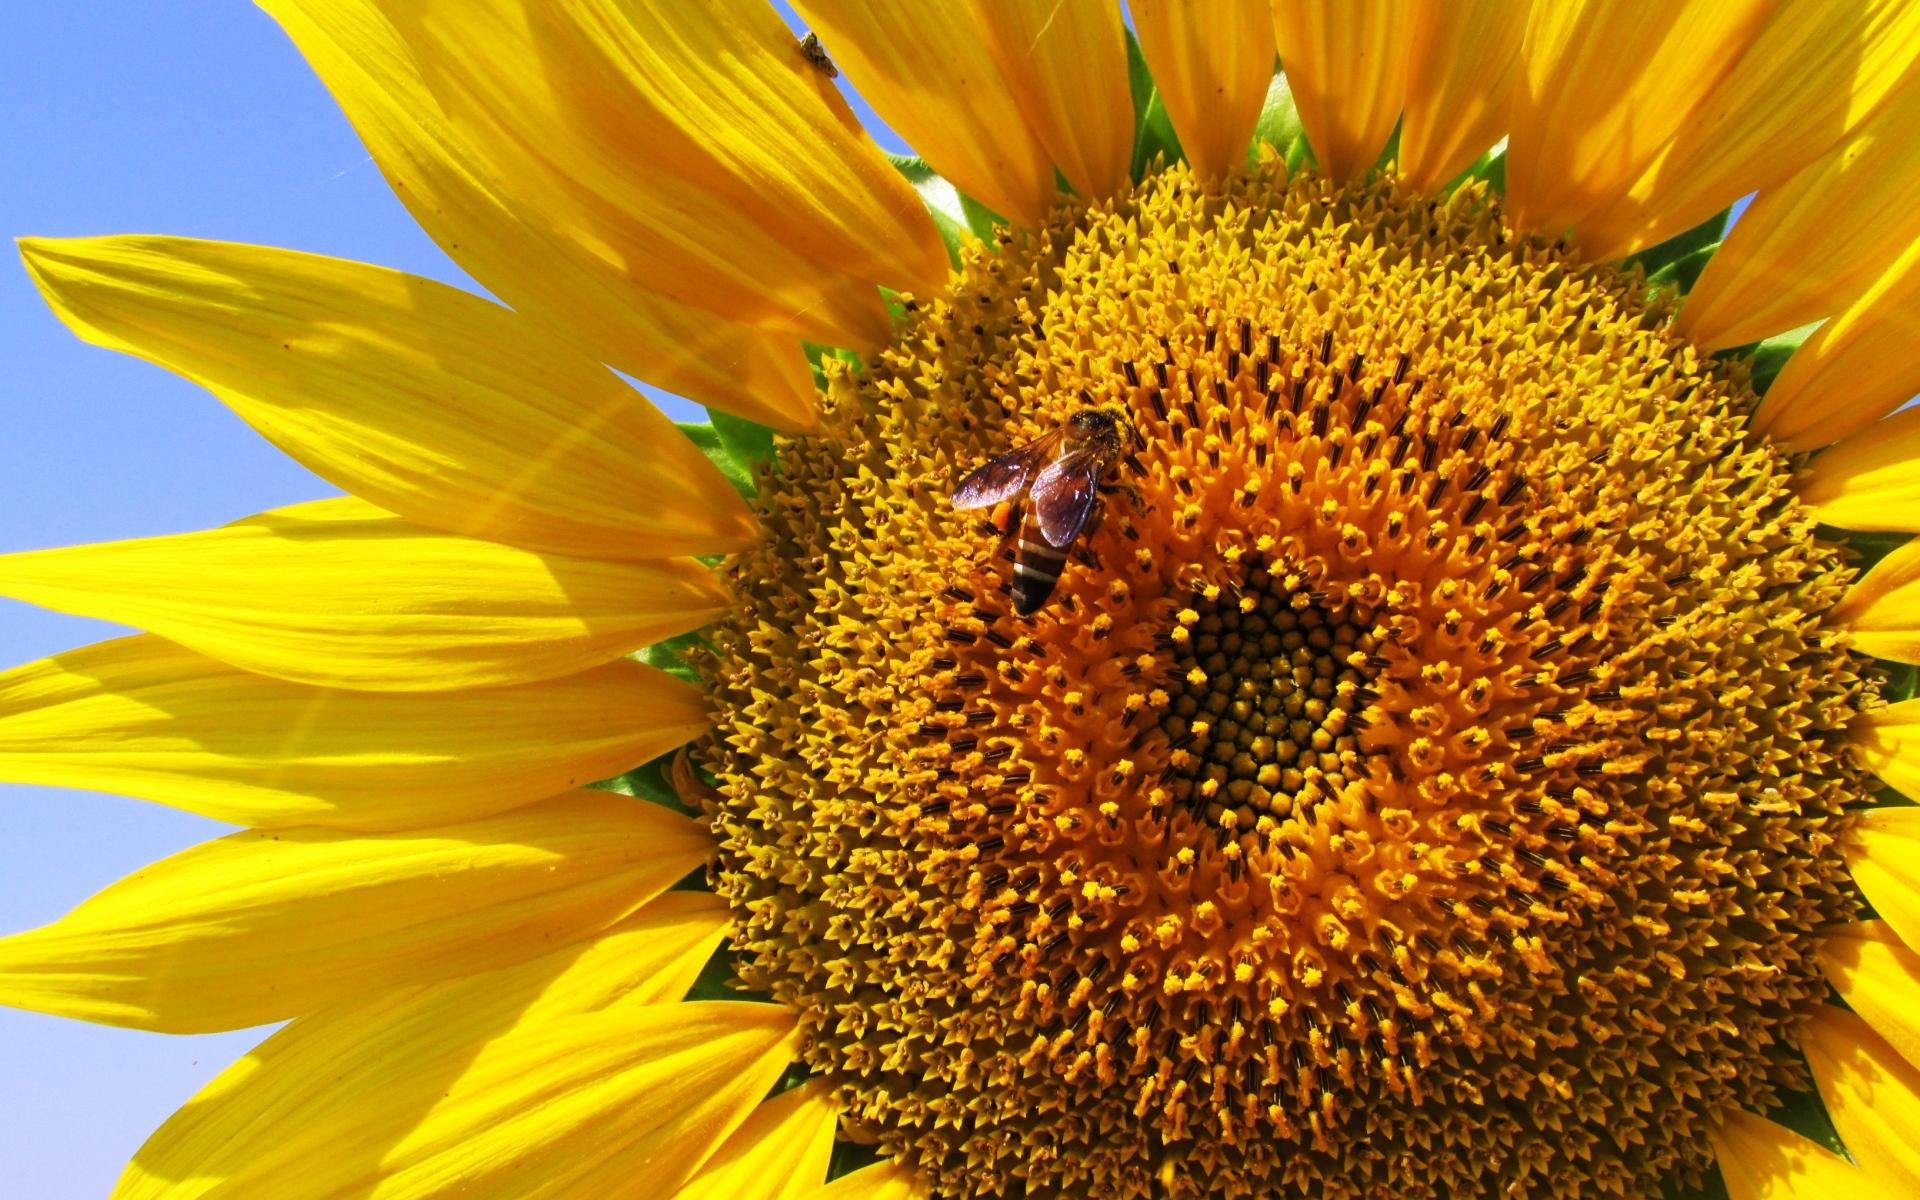 Картинки Подсолнечник, лепестки, пчела, опыление фото и обои на рабочий стол